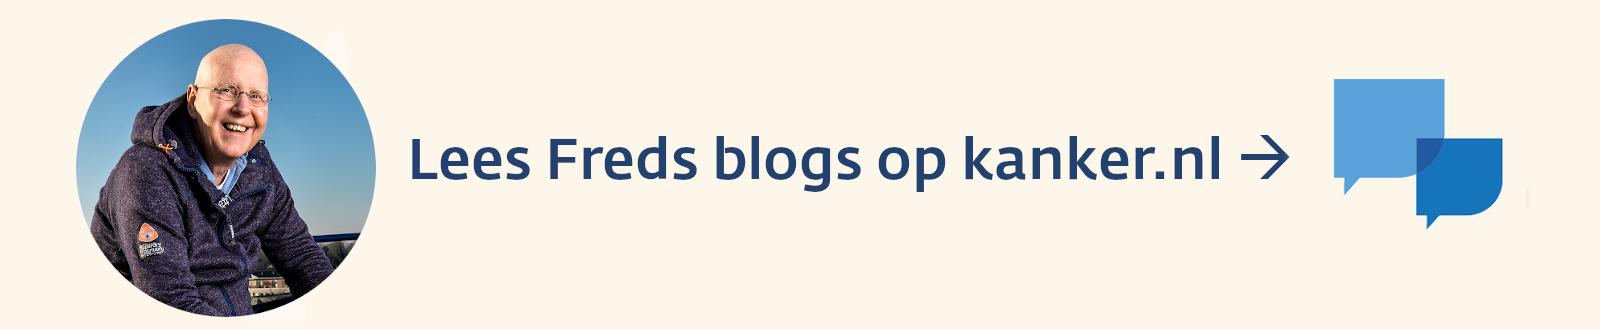 Lees ook Freds blogs